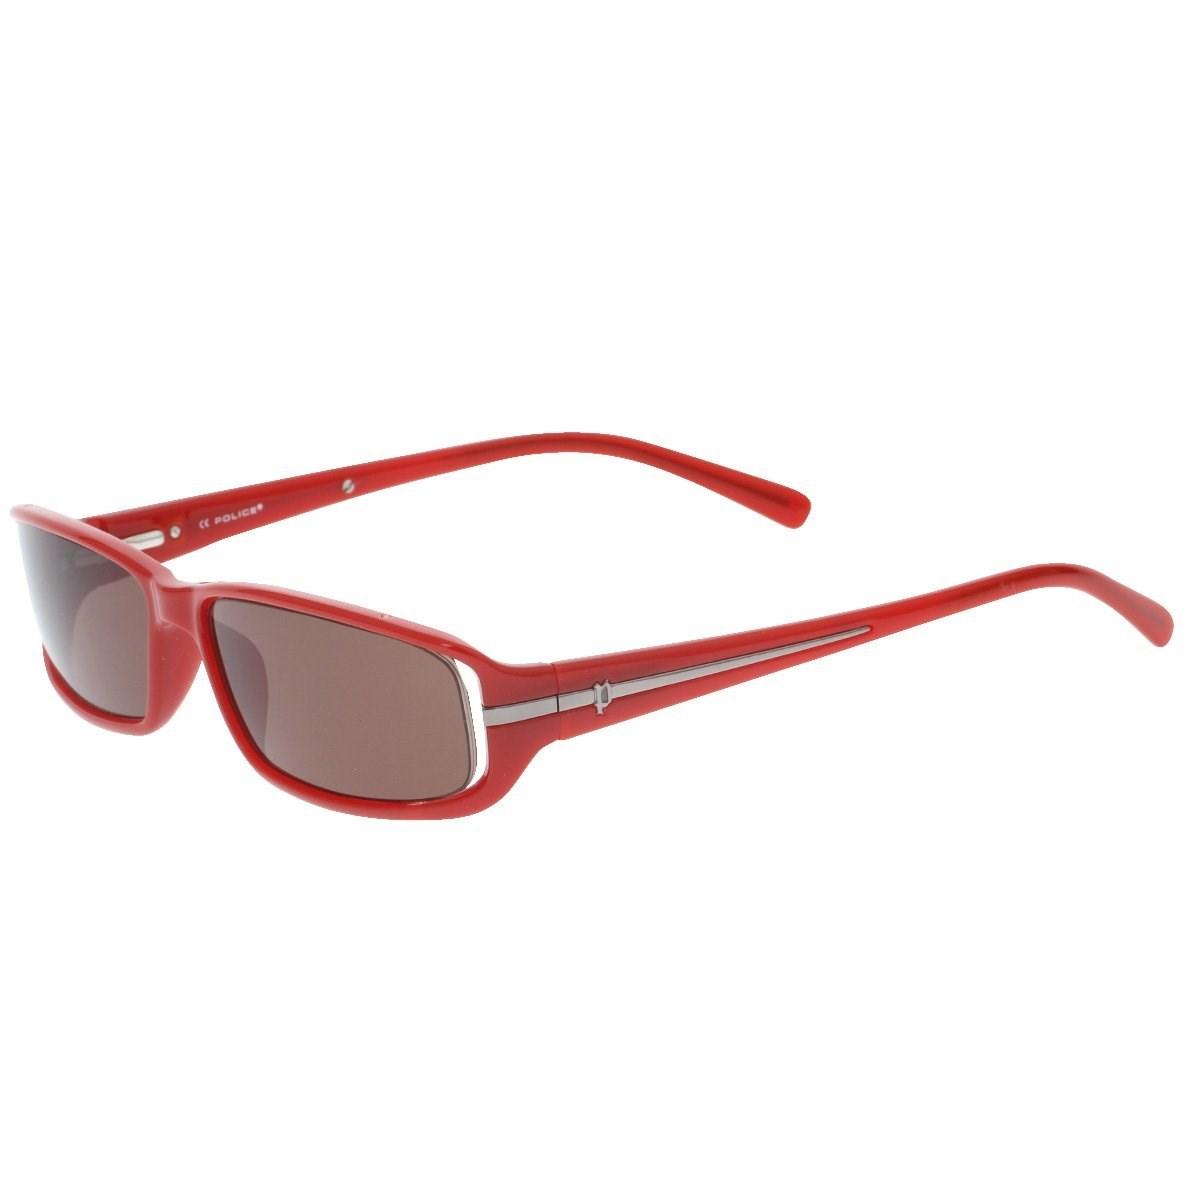 Gafas de hombre police s1572 5507fu